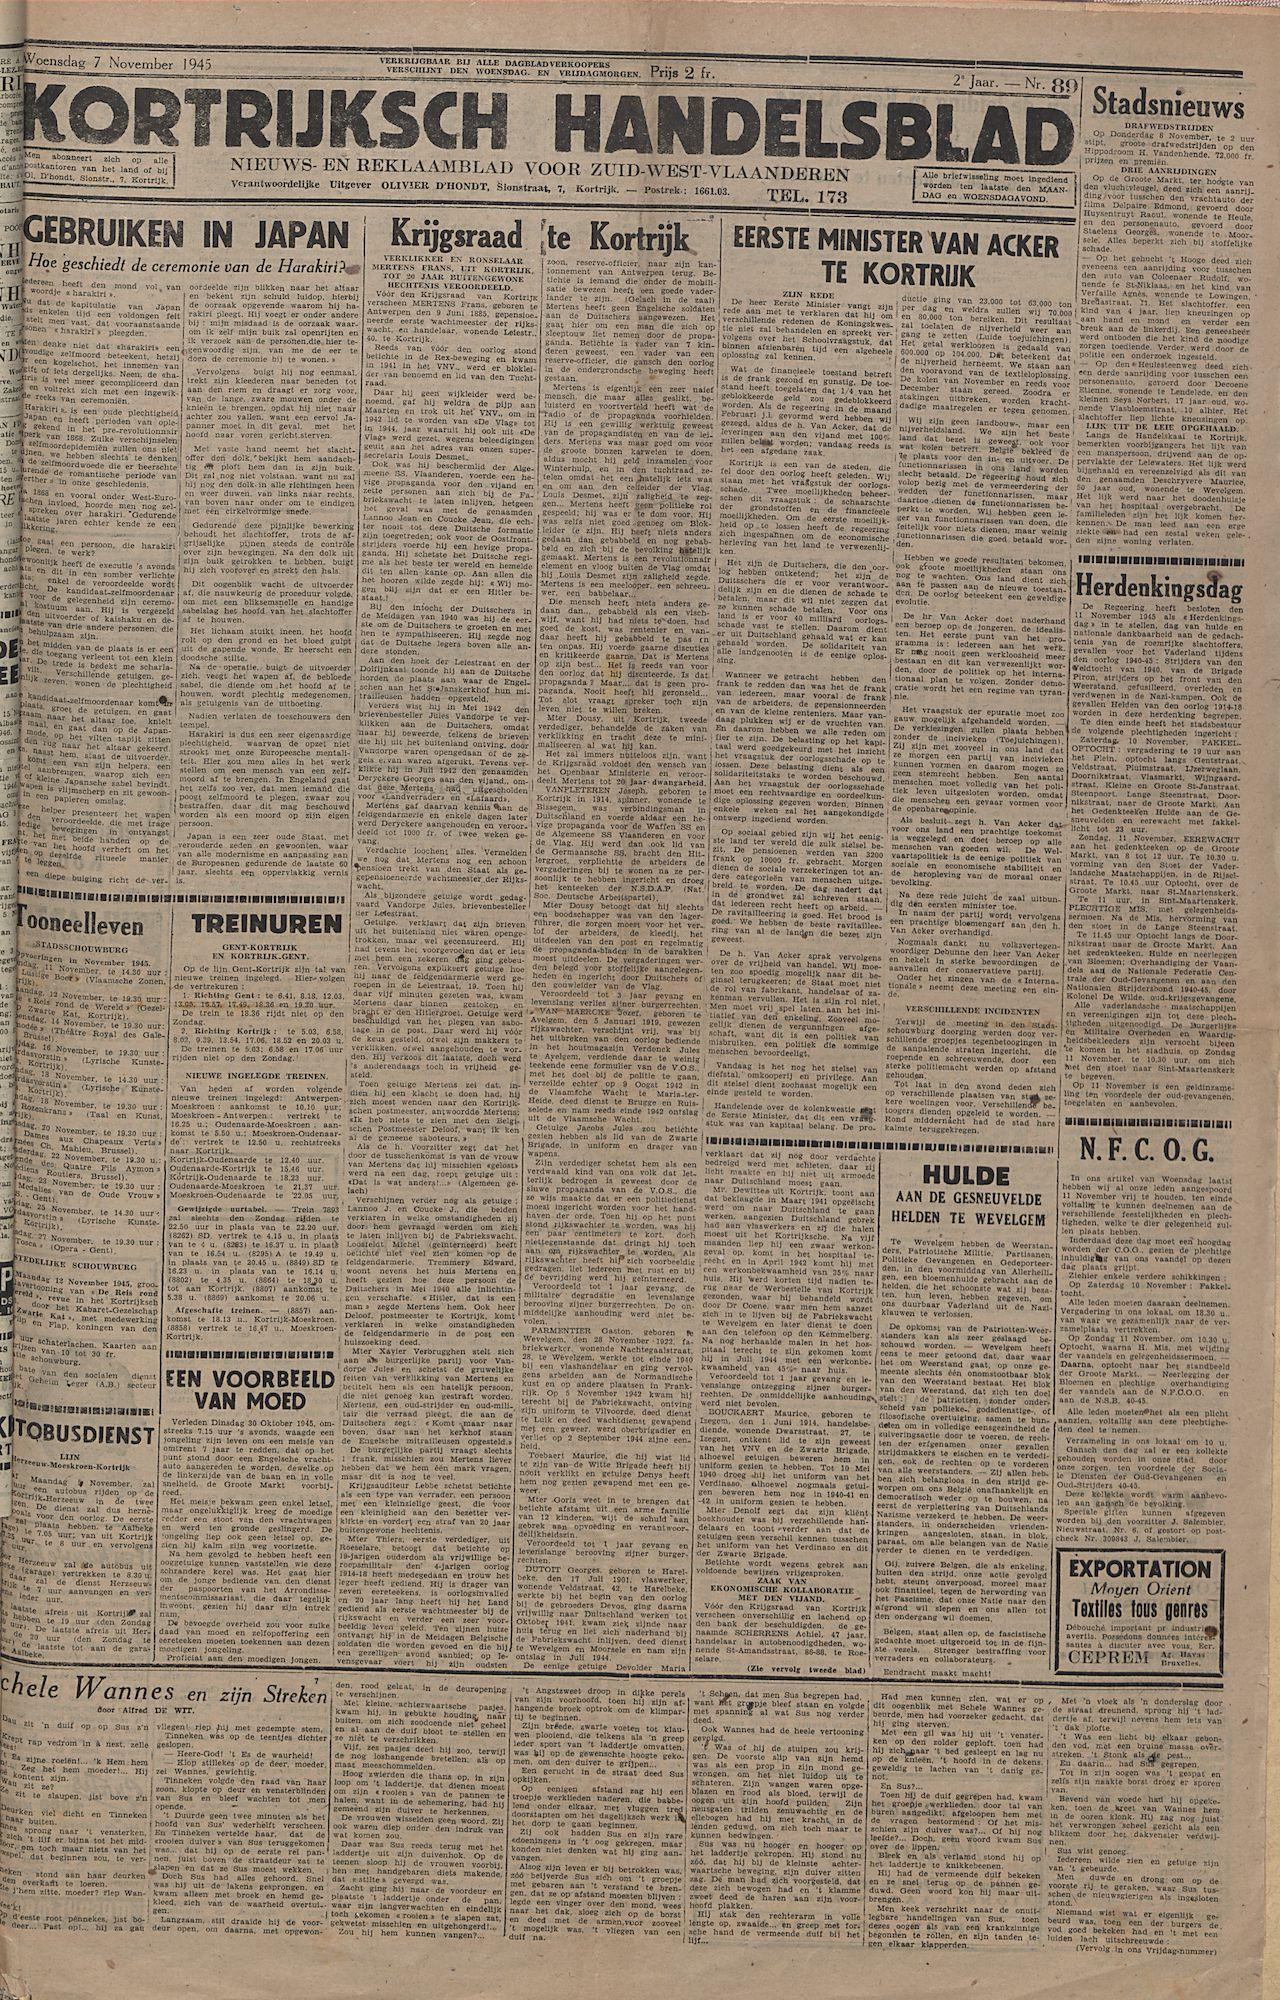 Kortrijksch Handelsblad 7 november 1945 Nr89 p1